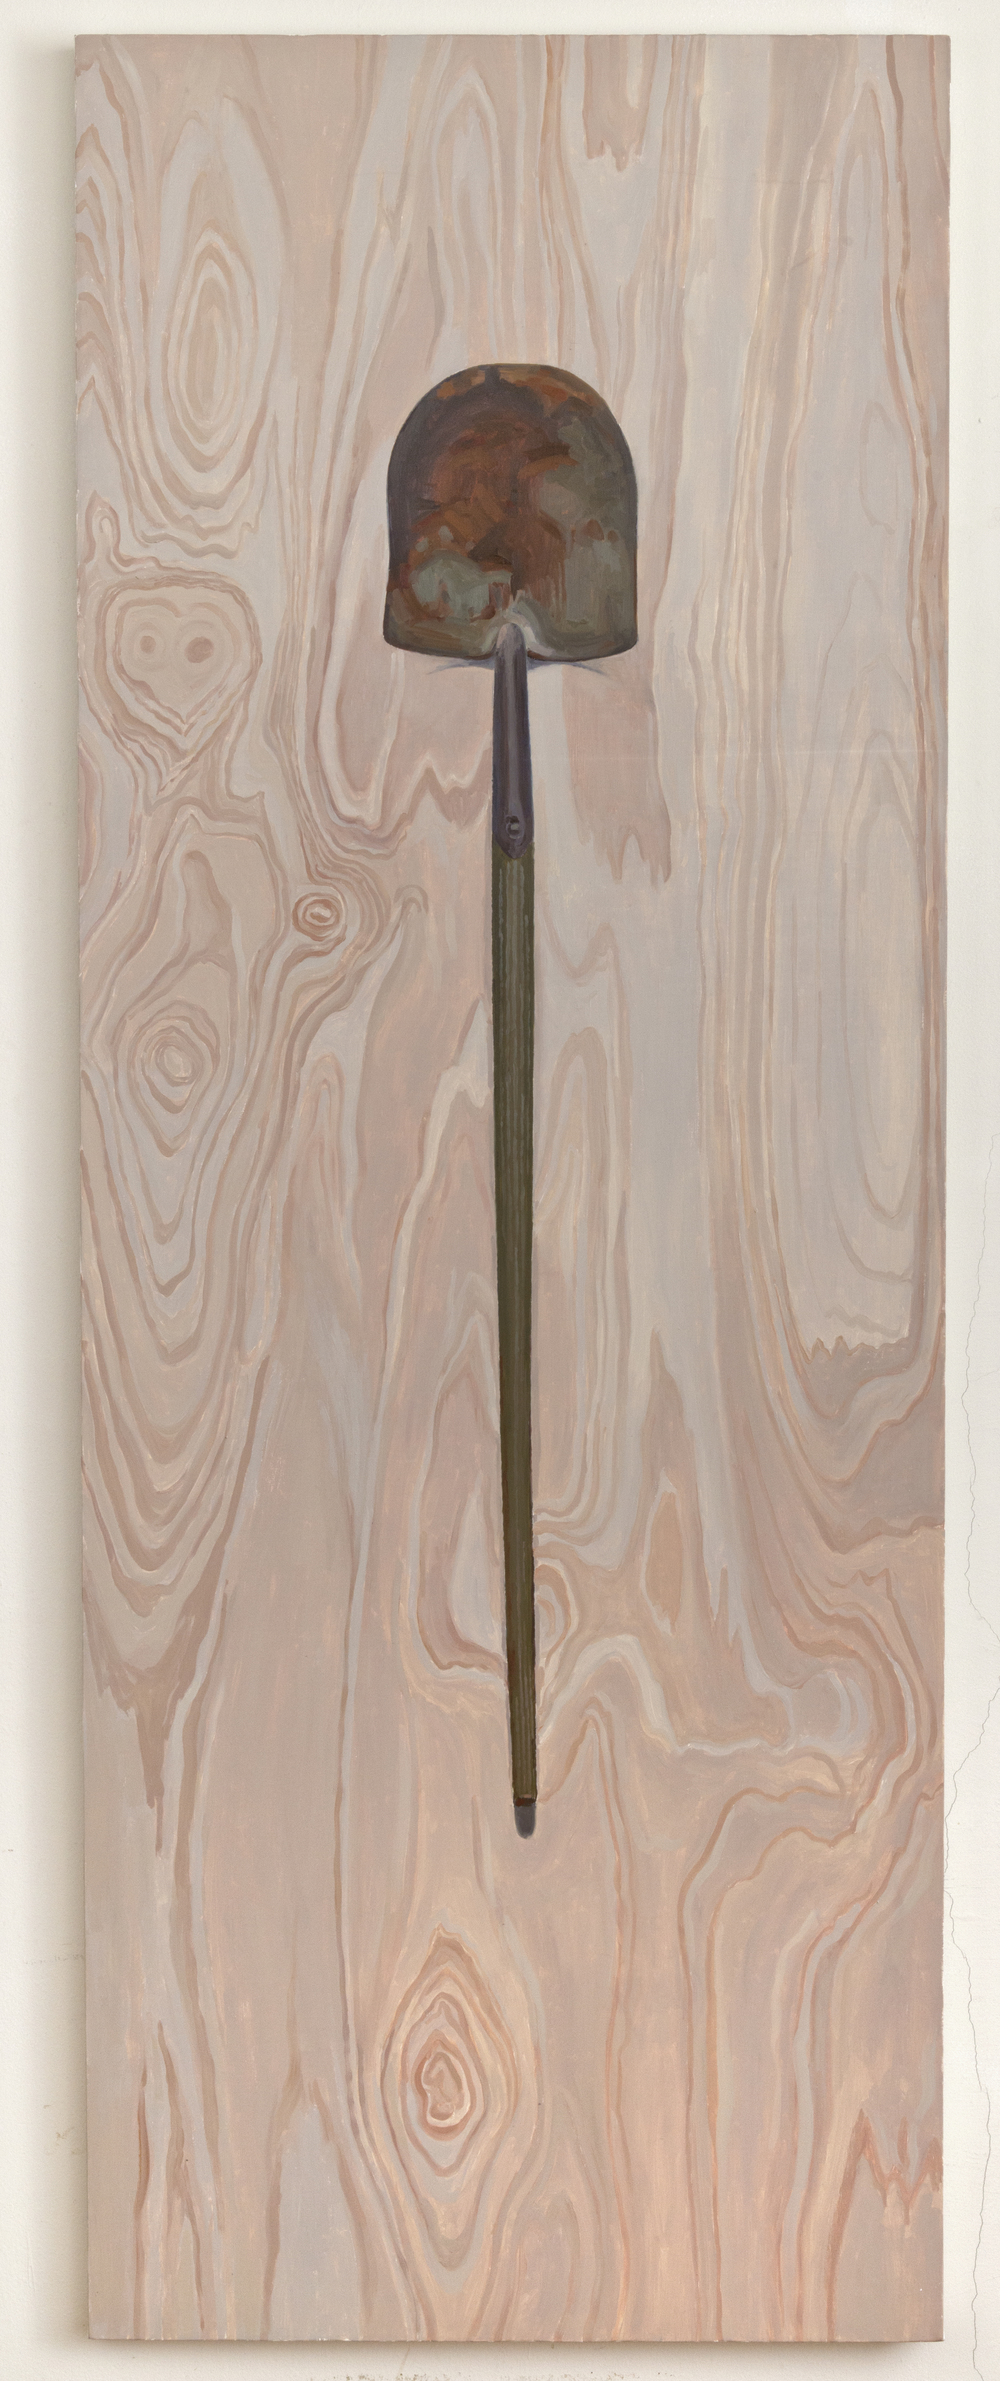 Shovel, 2013, oil on linen, 30 x 80 inches